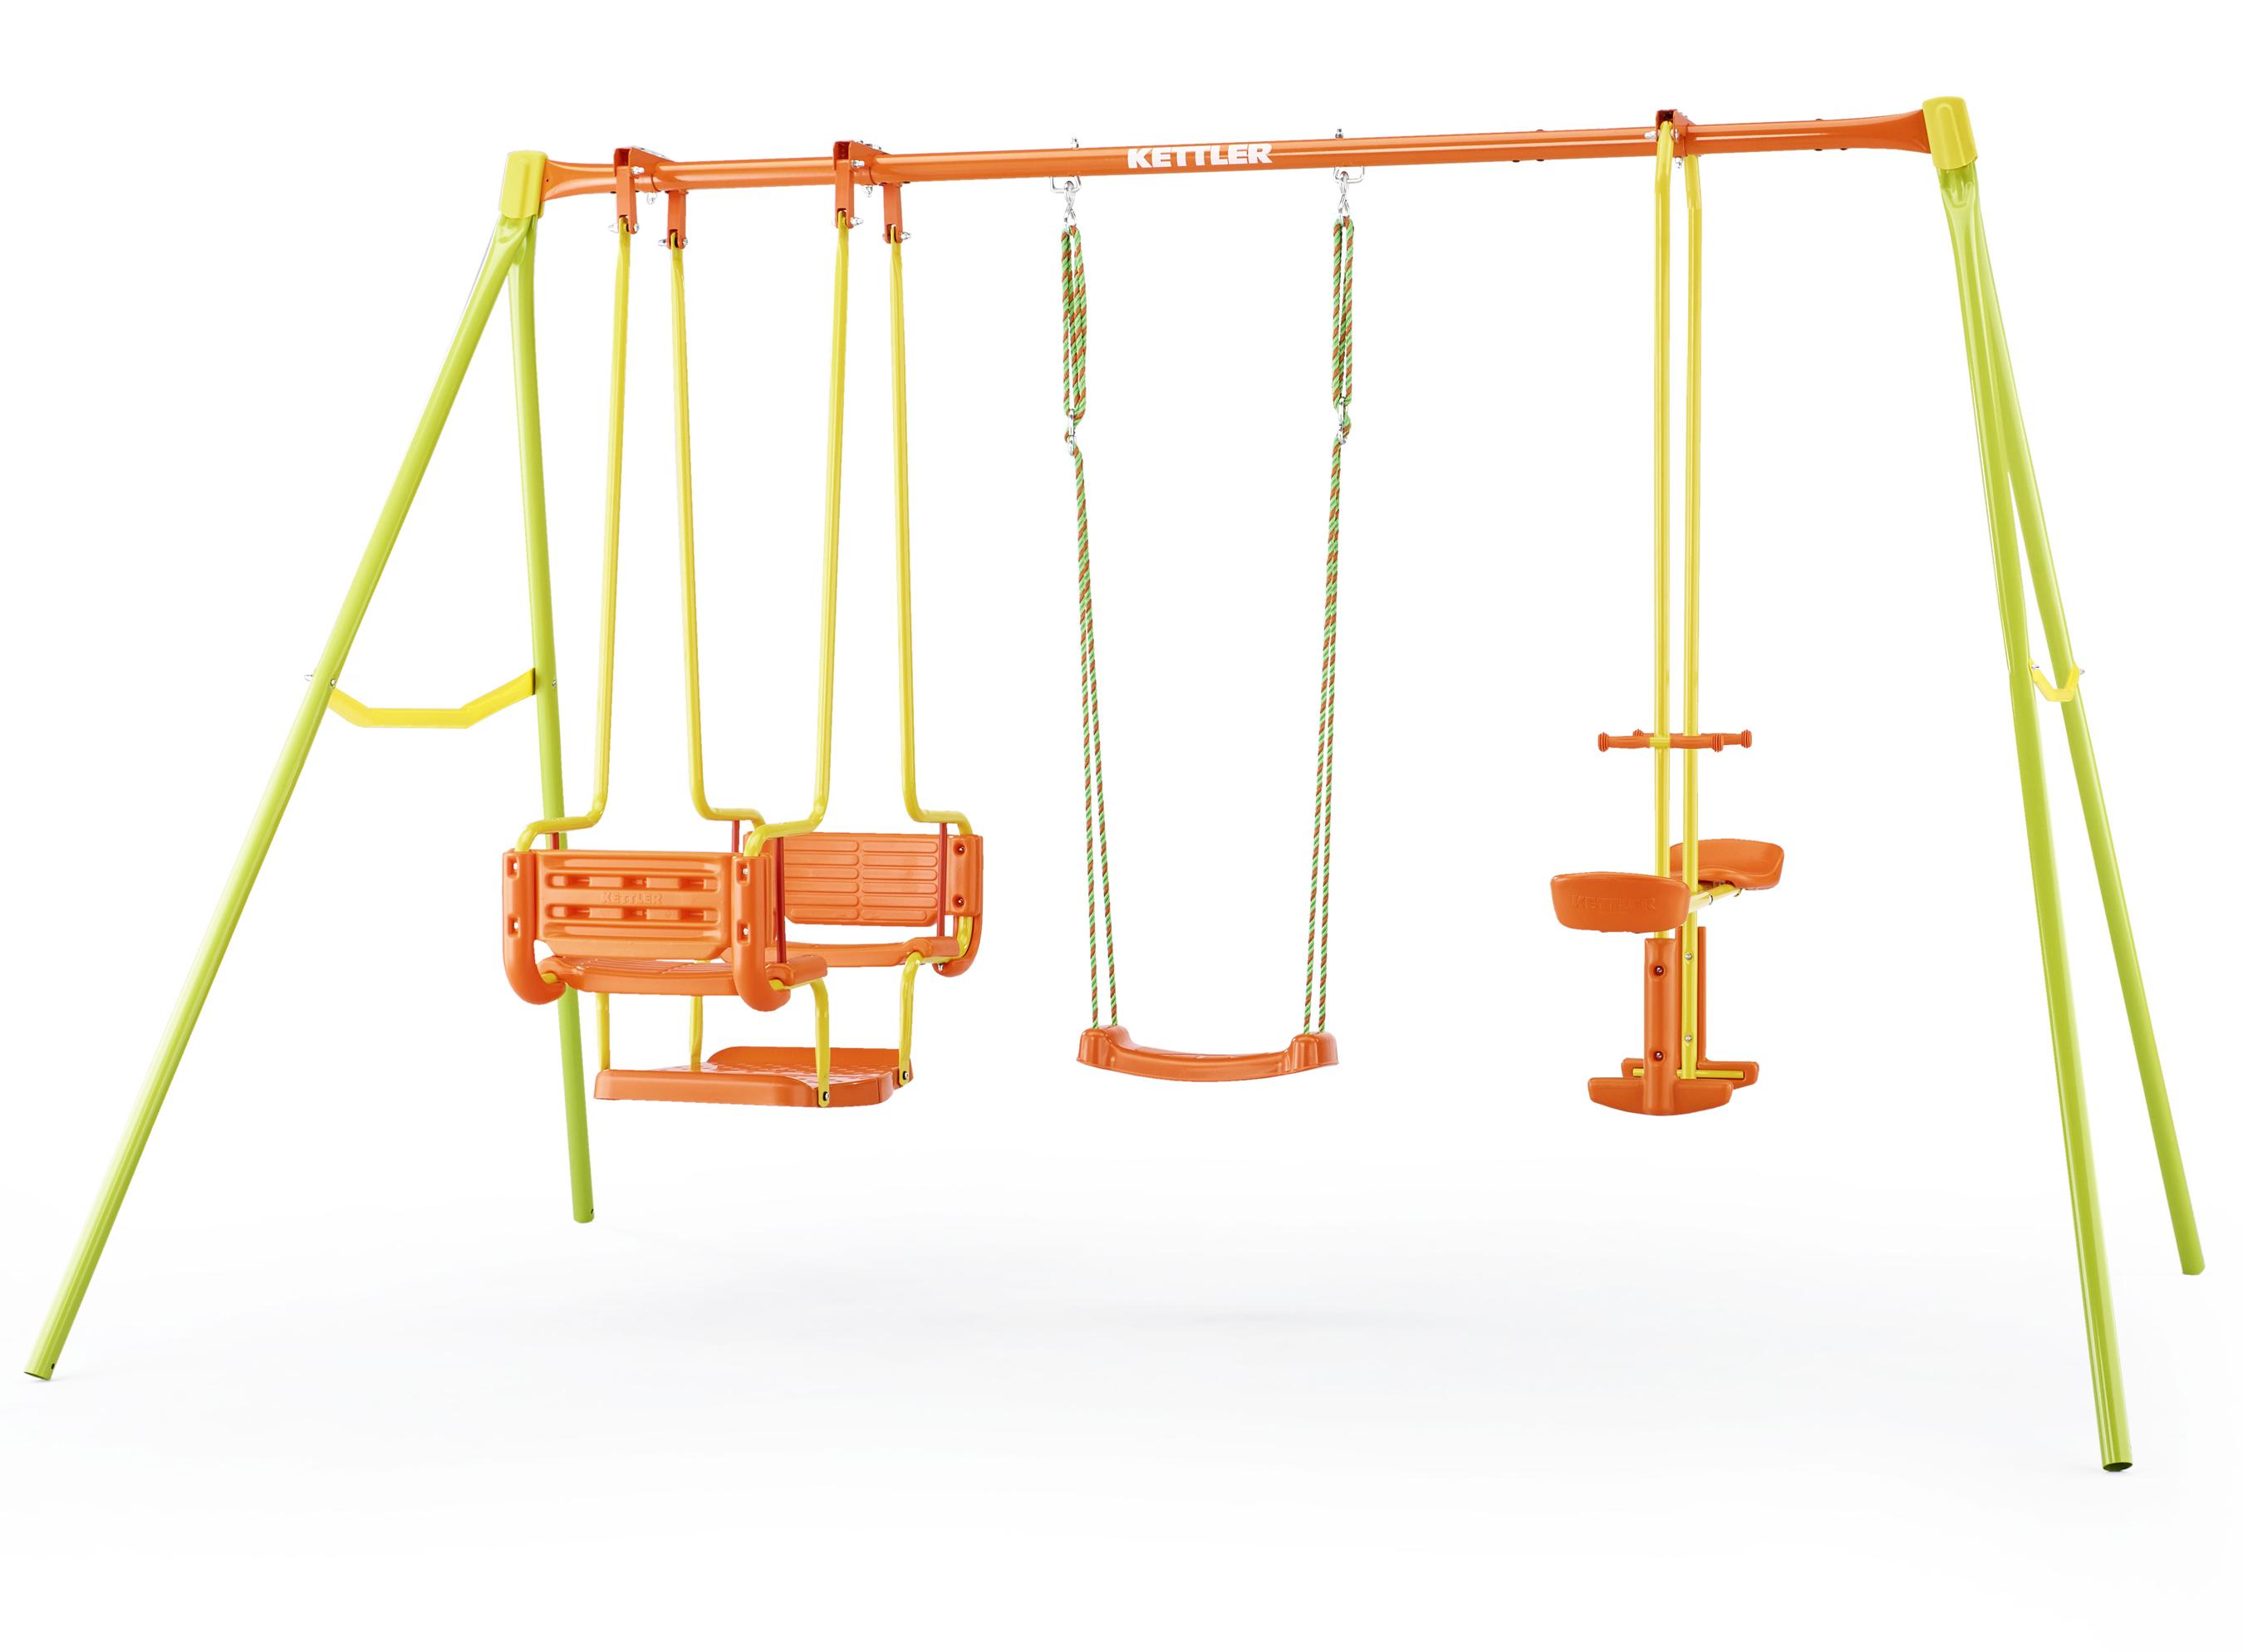 Schaukelgestell / Kinderschaukel Kettler Schaukel 4 0S01056-0010 Bild 1